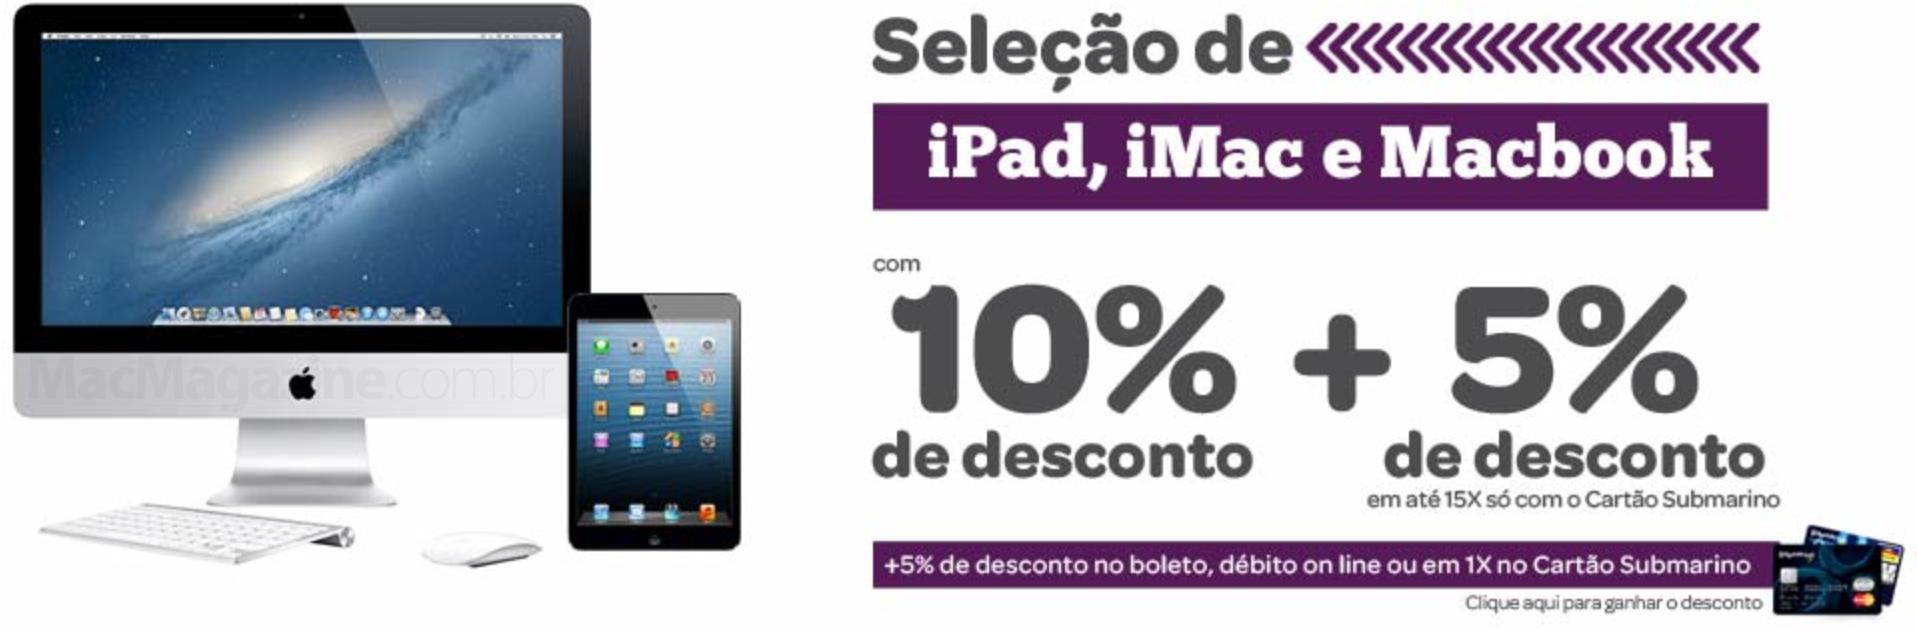 Promoção do Submarino - iPads, MacBooks e iMacs